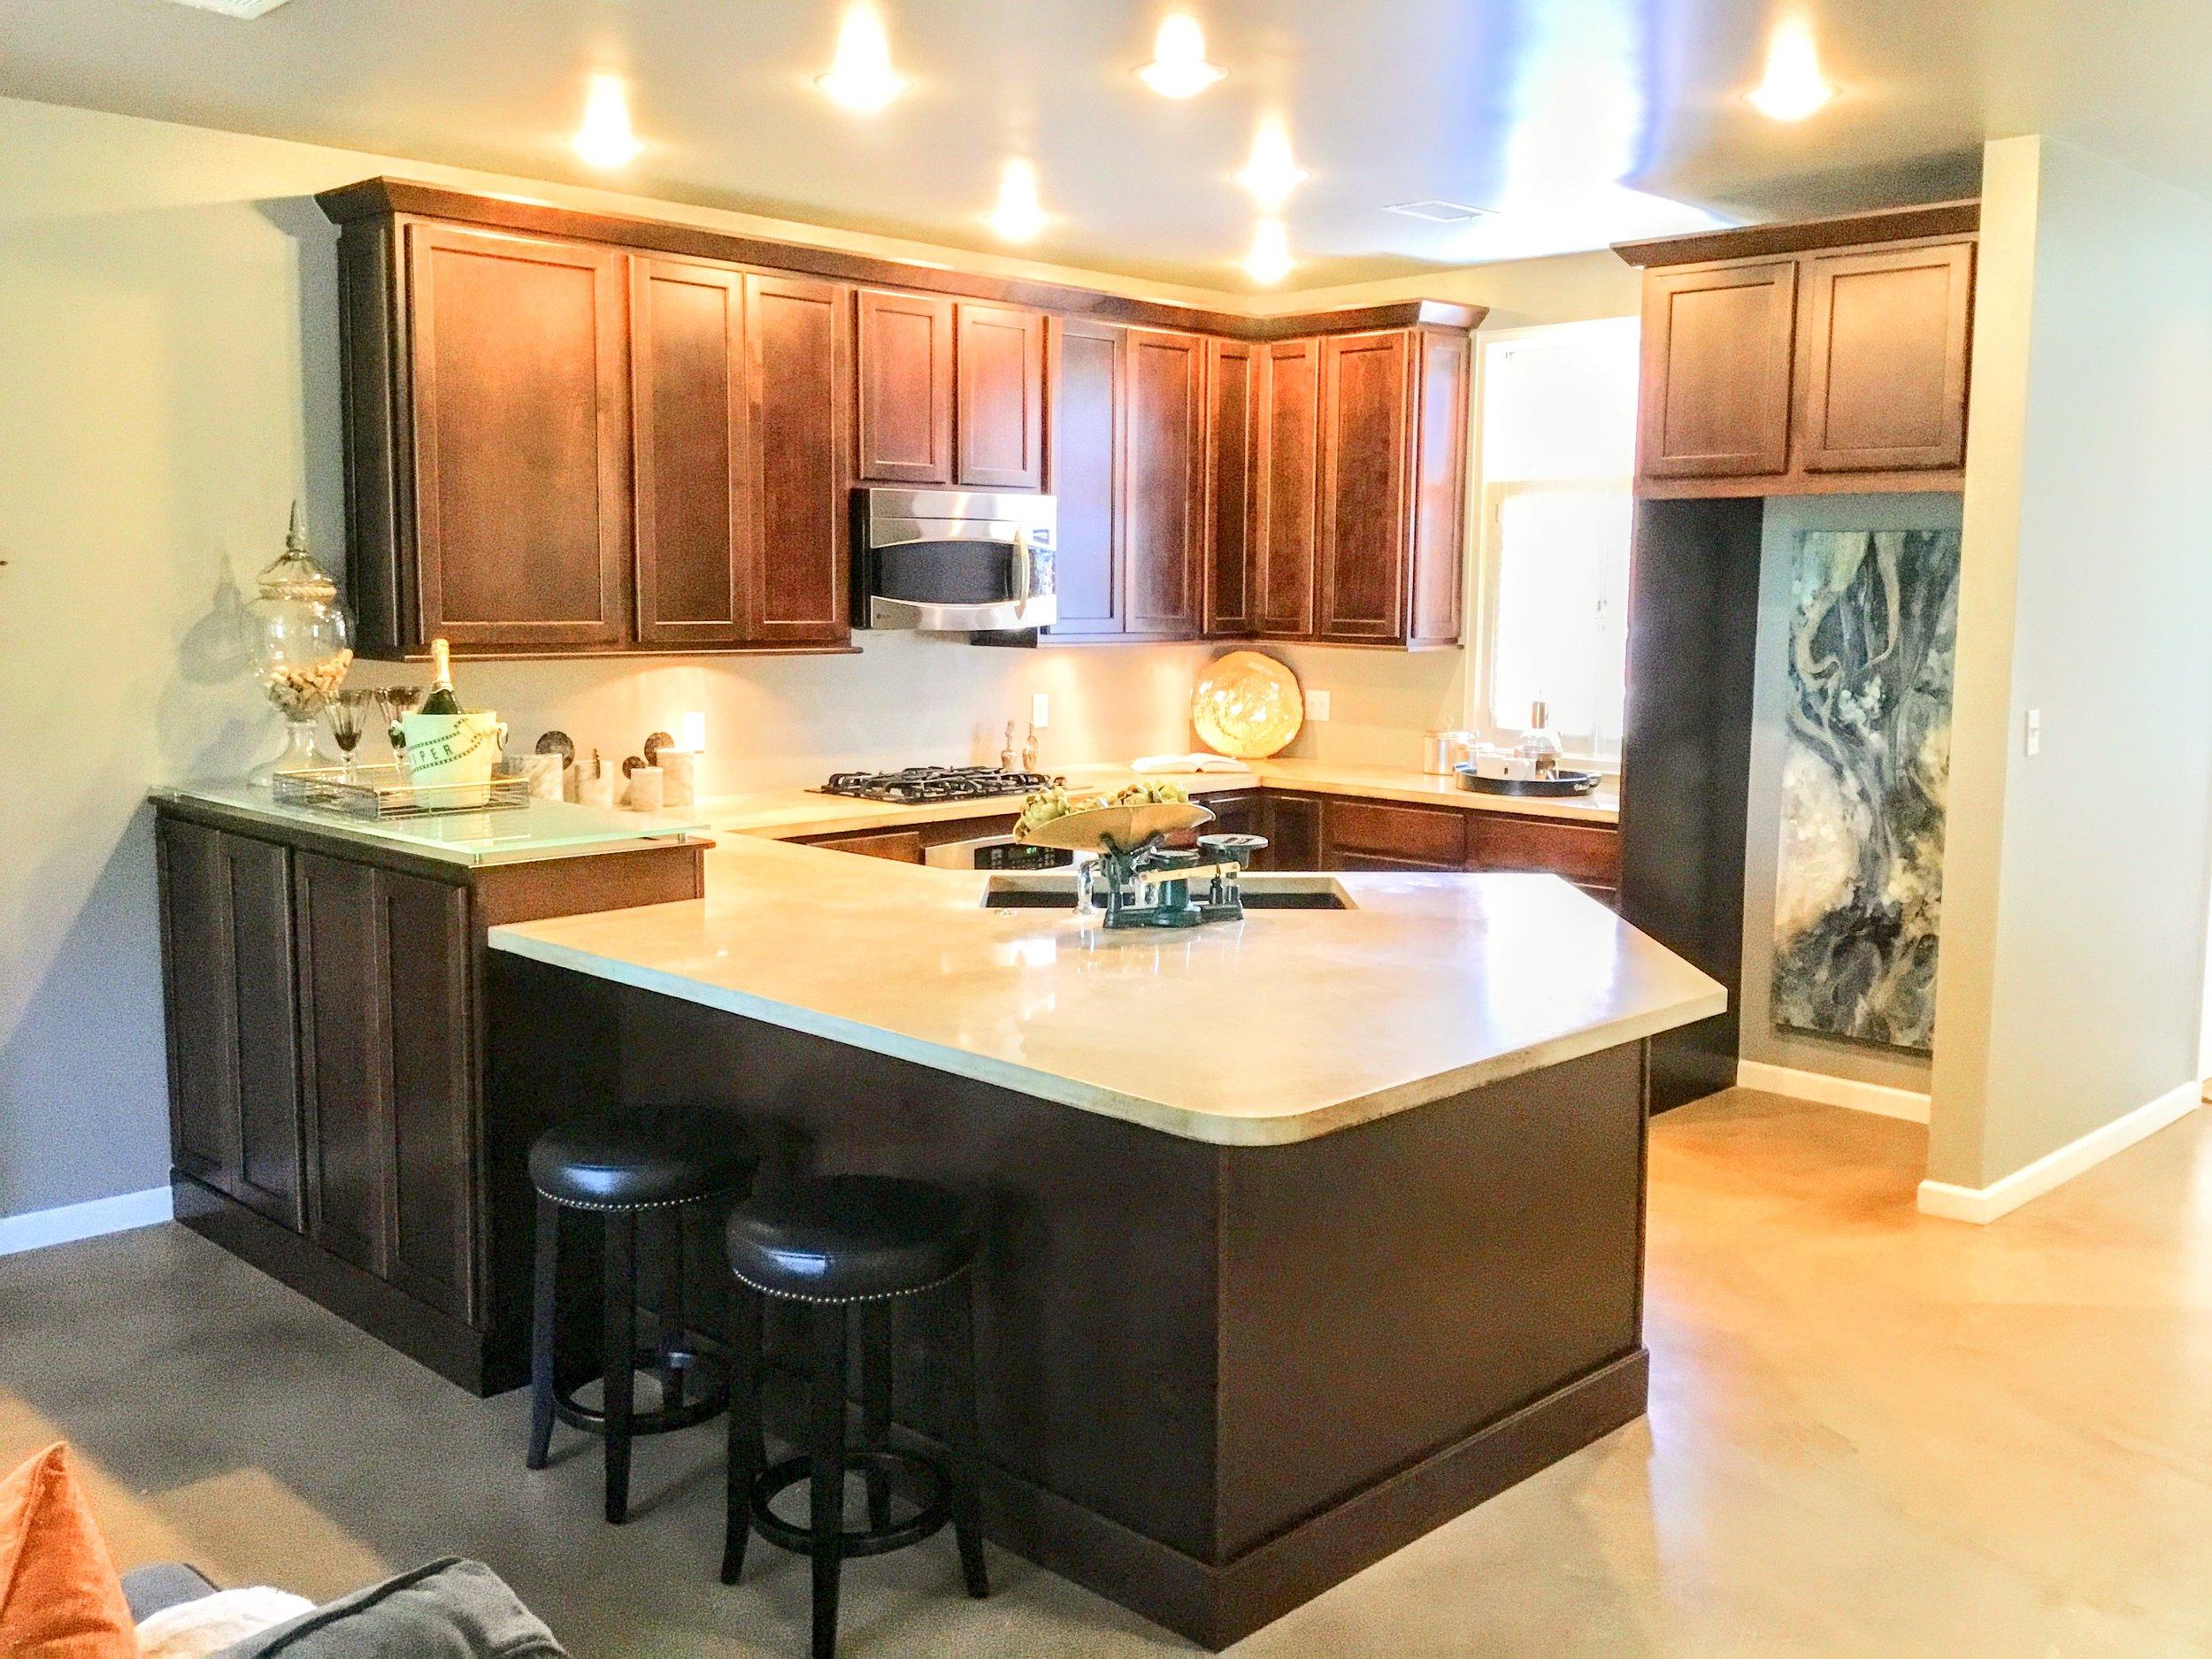 Staging Tulsa - Central Park Condo Kitchen.jpg